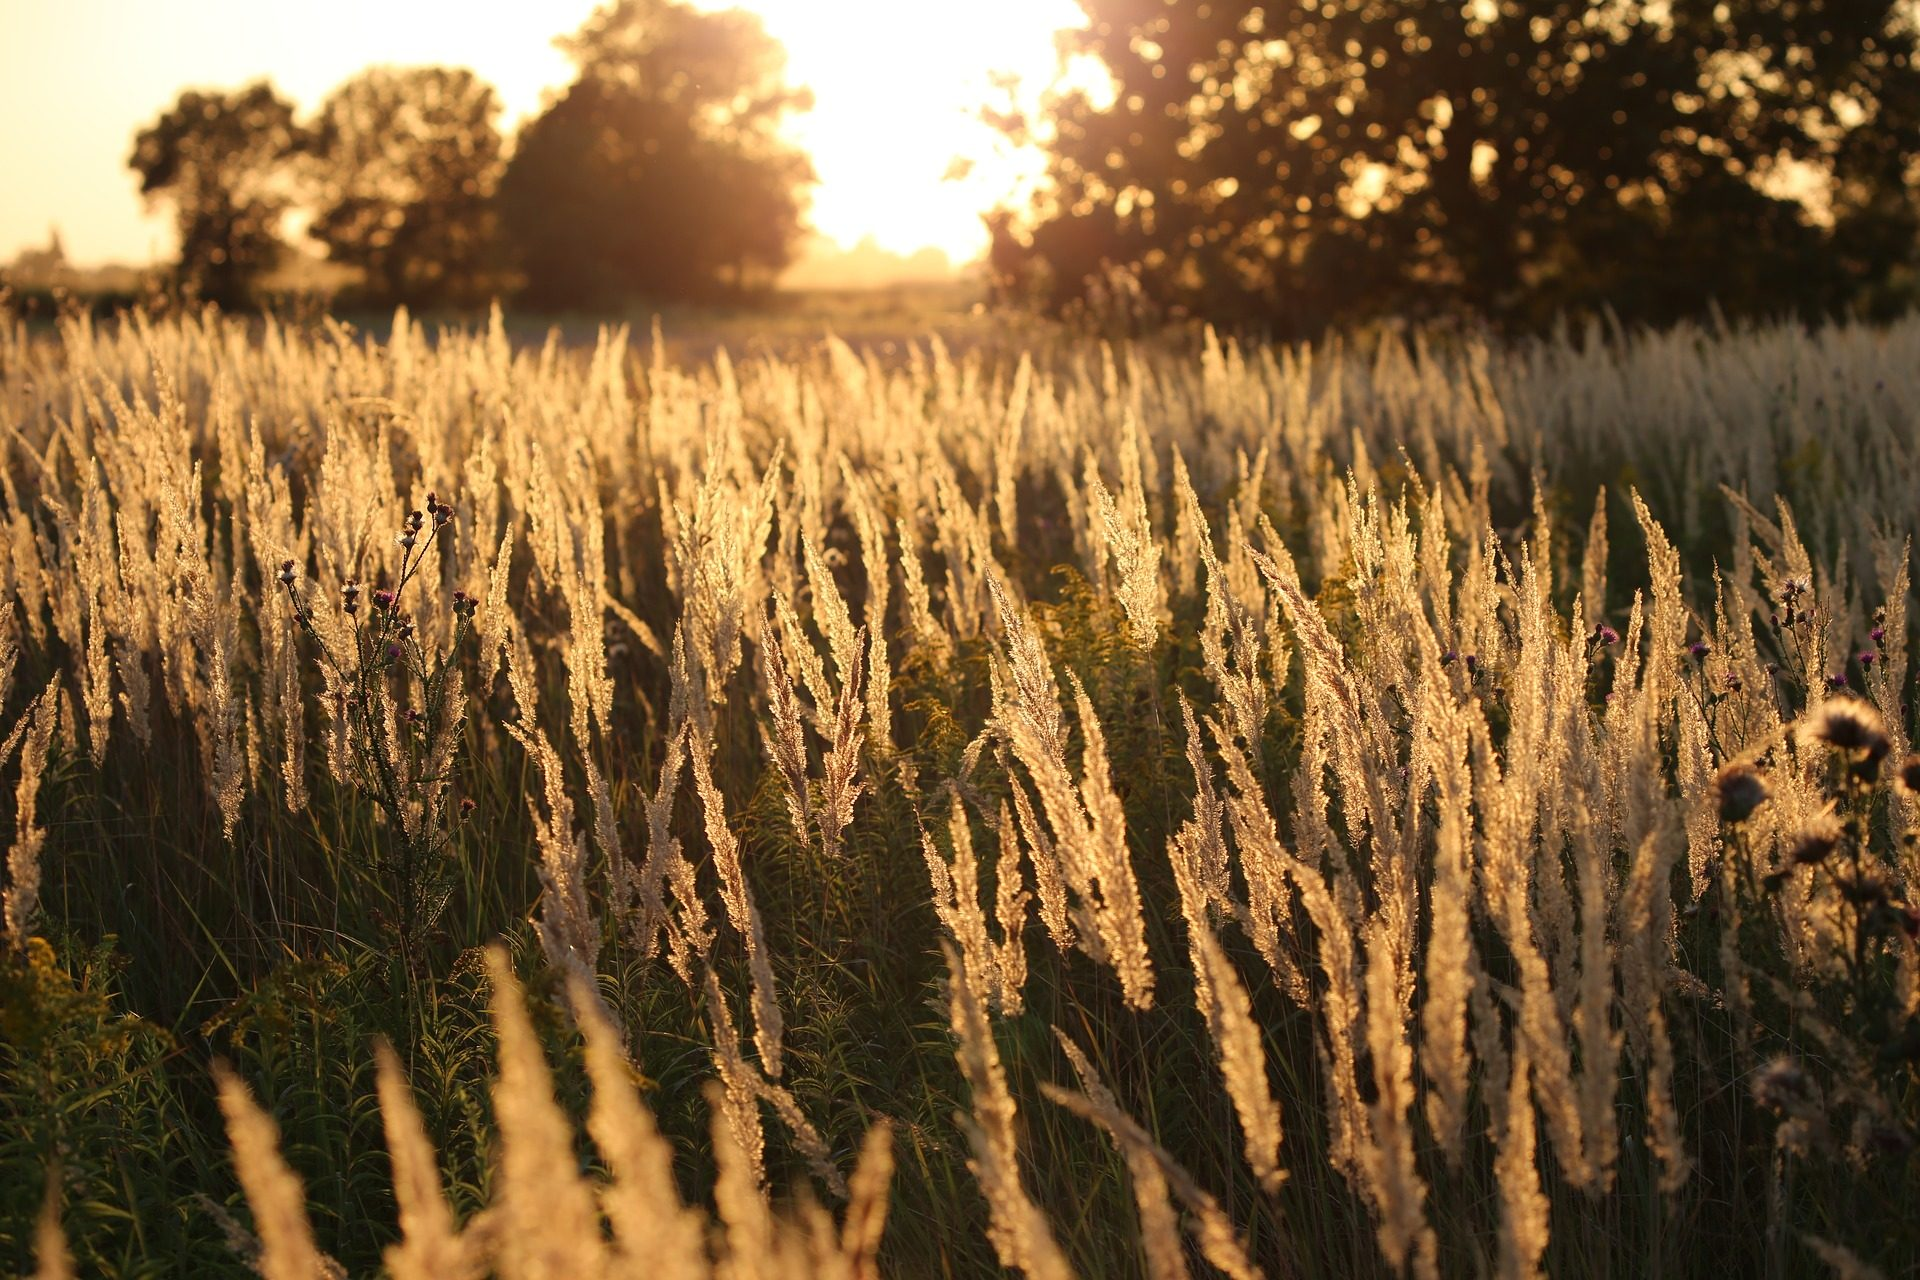 campo, erba, piante, Tramonto, luce, Sole, alberi - Sfondi HD - Professor-falken.com